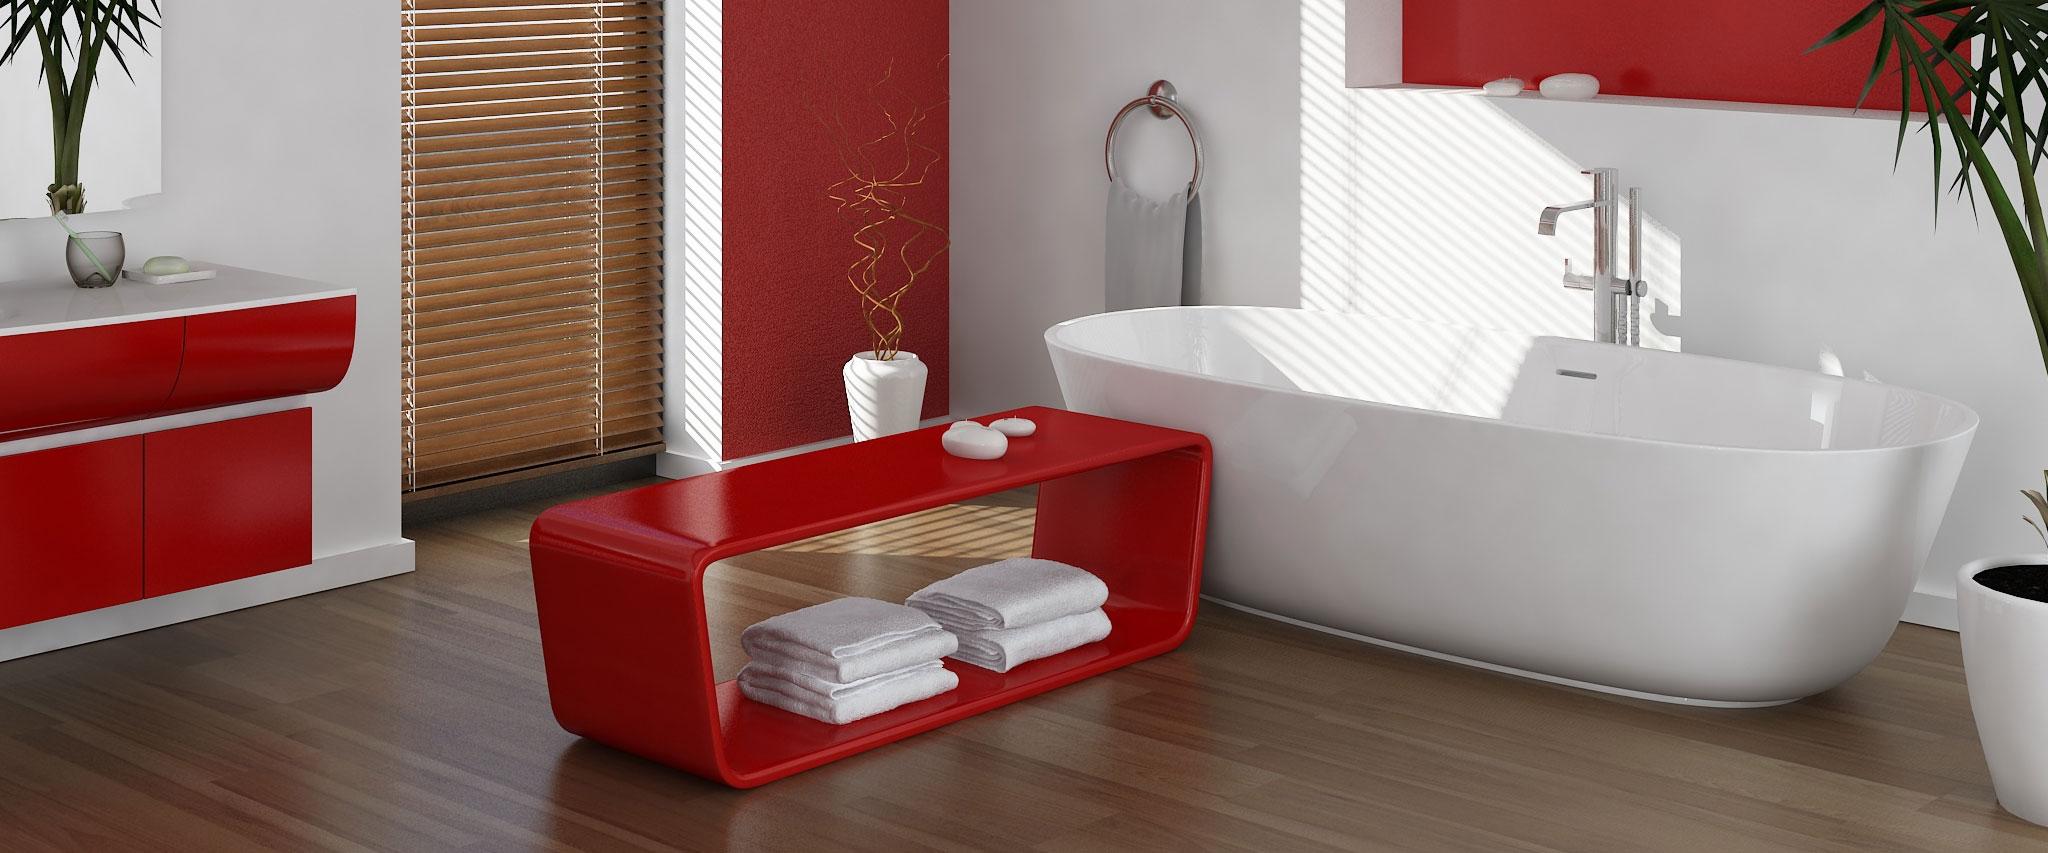 Badezimmer in Wohnhausanlage